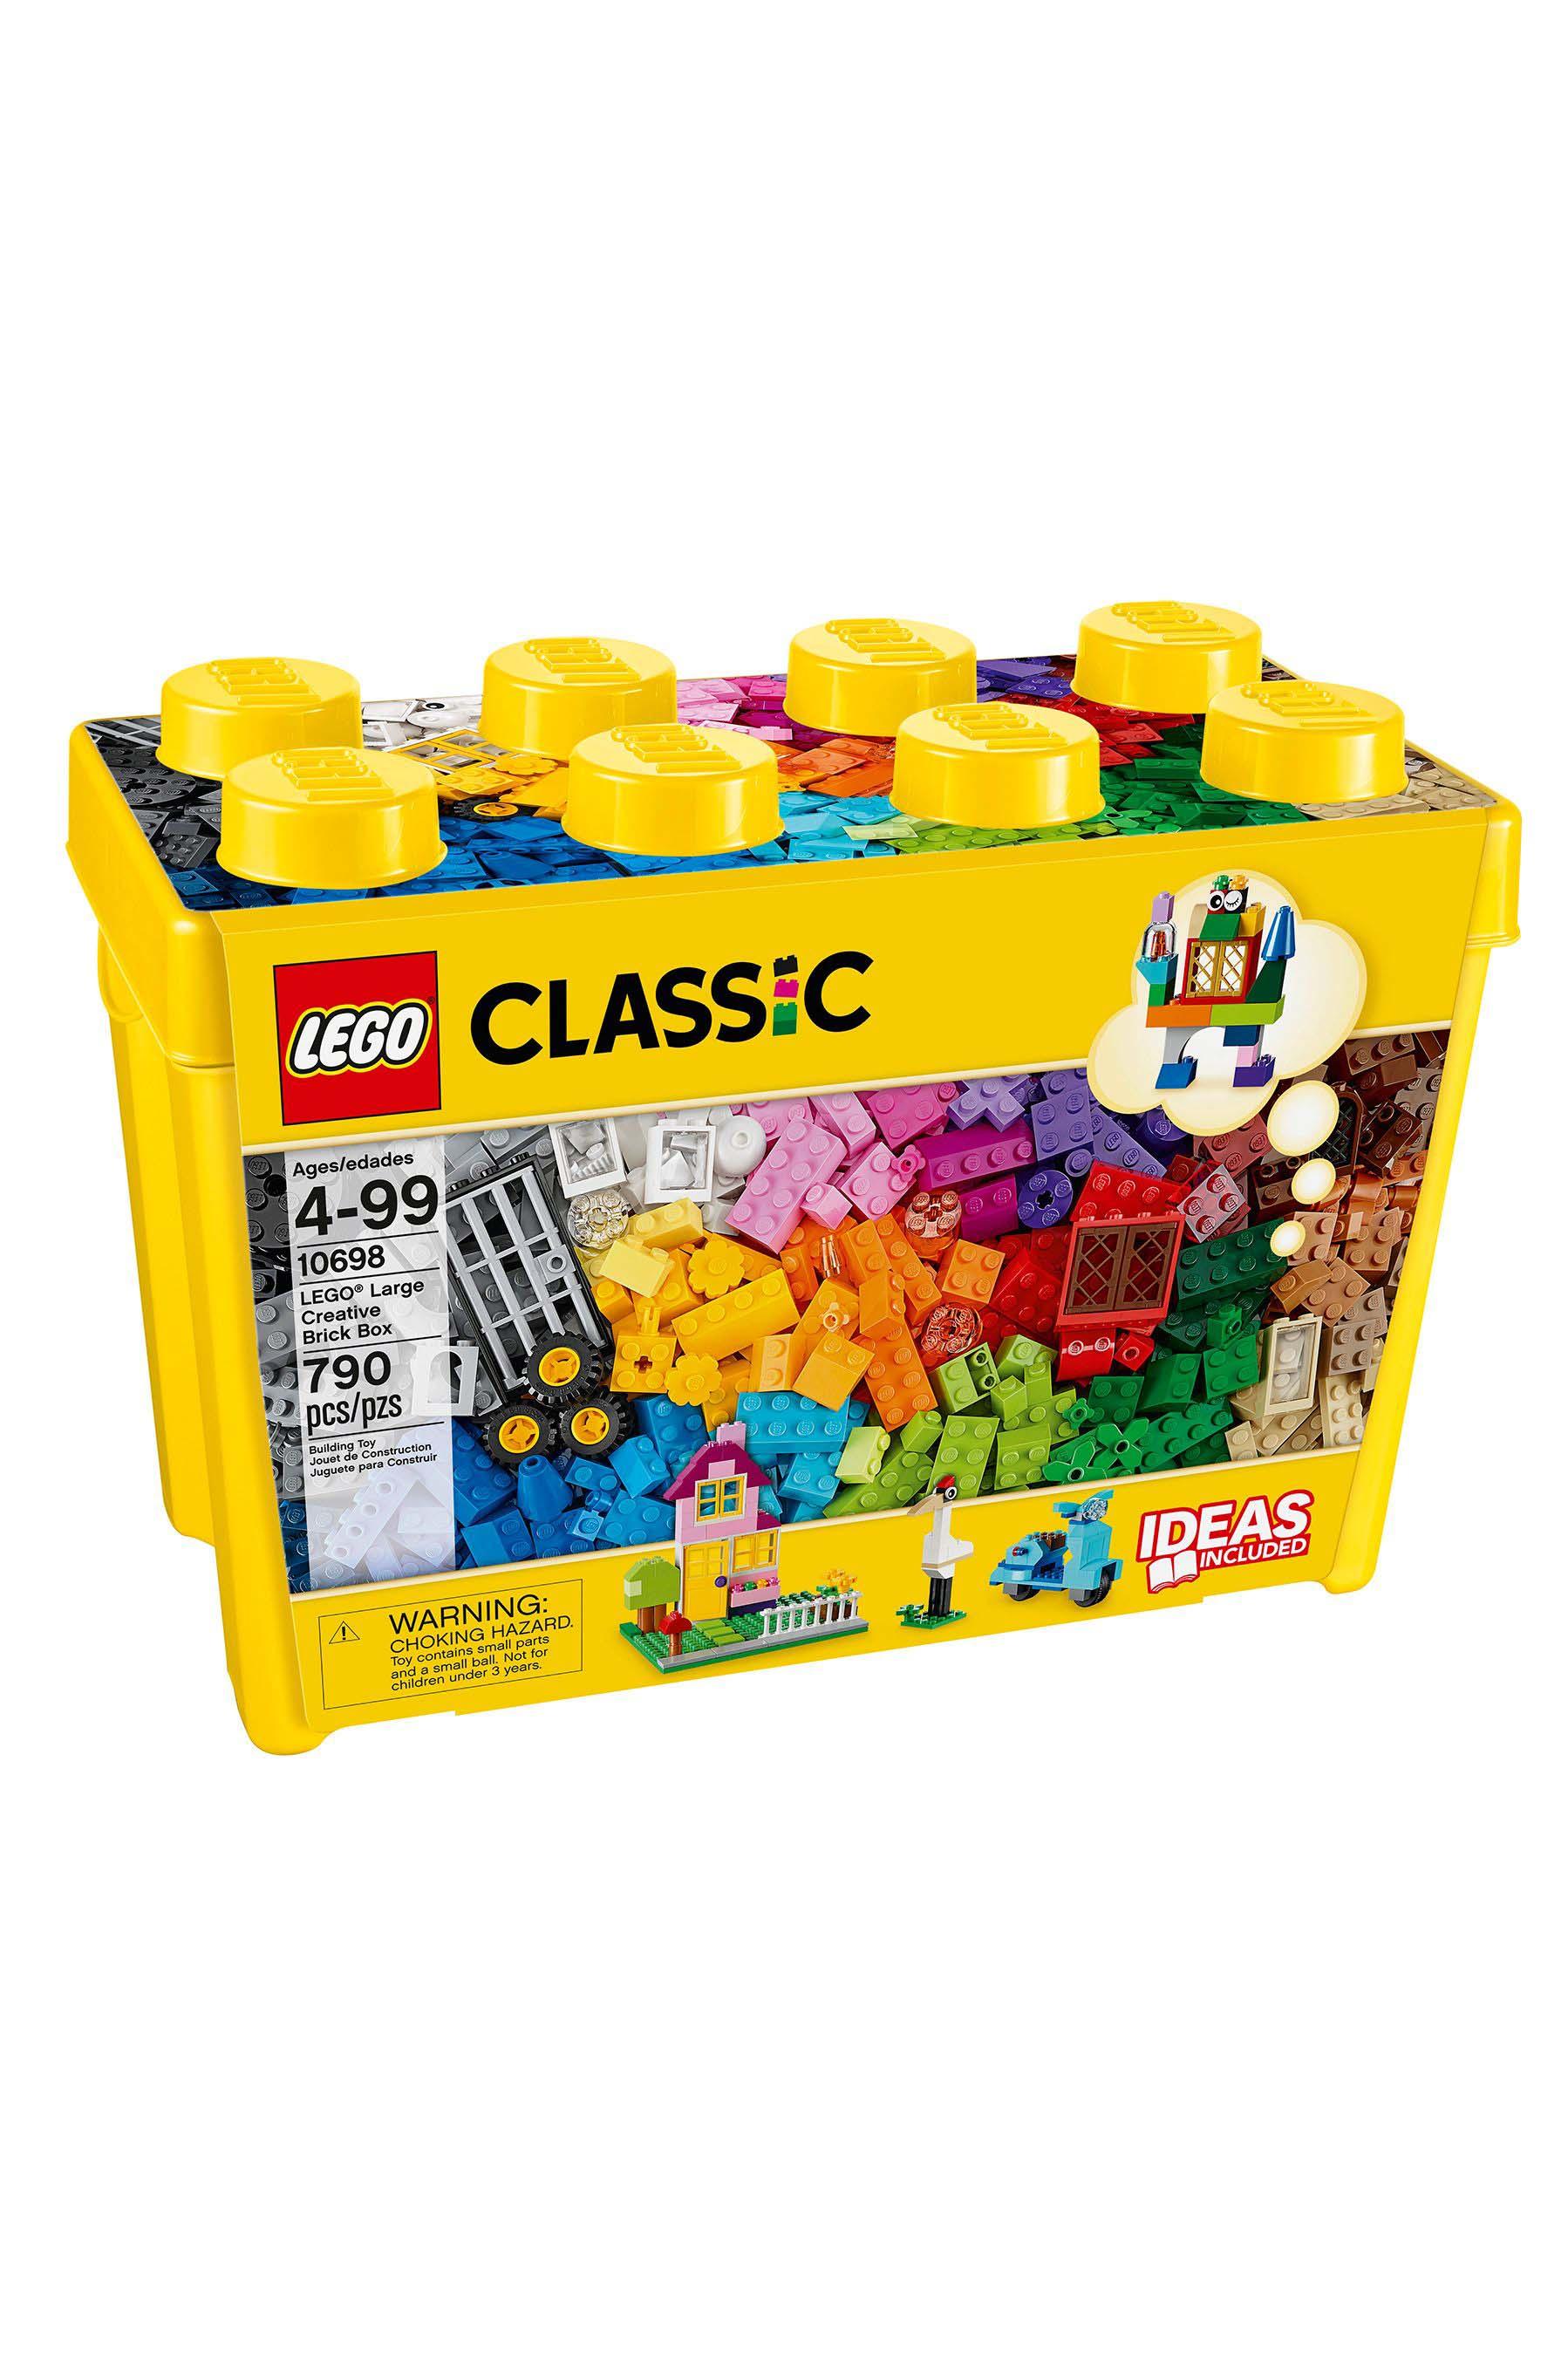 Lego Large Classic Creative Set & Large Playground Duplo Set £20 at Tesco